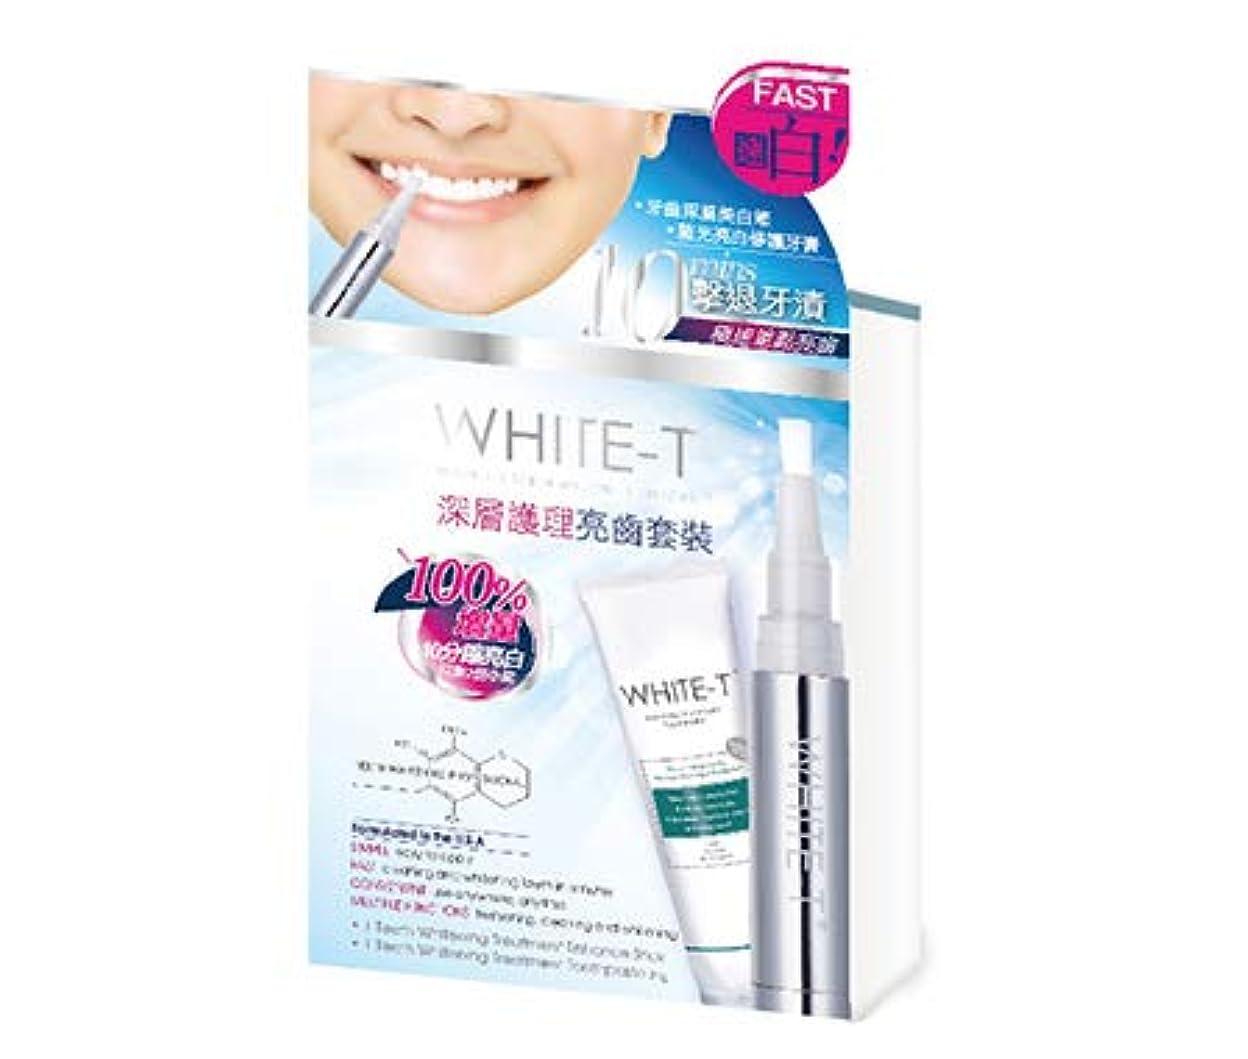 いらいらさせる普通の膨張するWHITE-T ホワイトニング ペンタイプ(4ml) +ホワイトニング歯磨き粉(30g) 並行輸入品